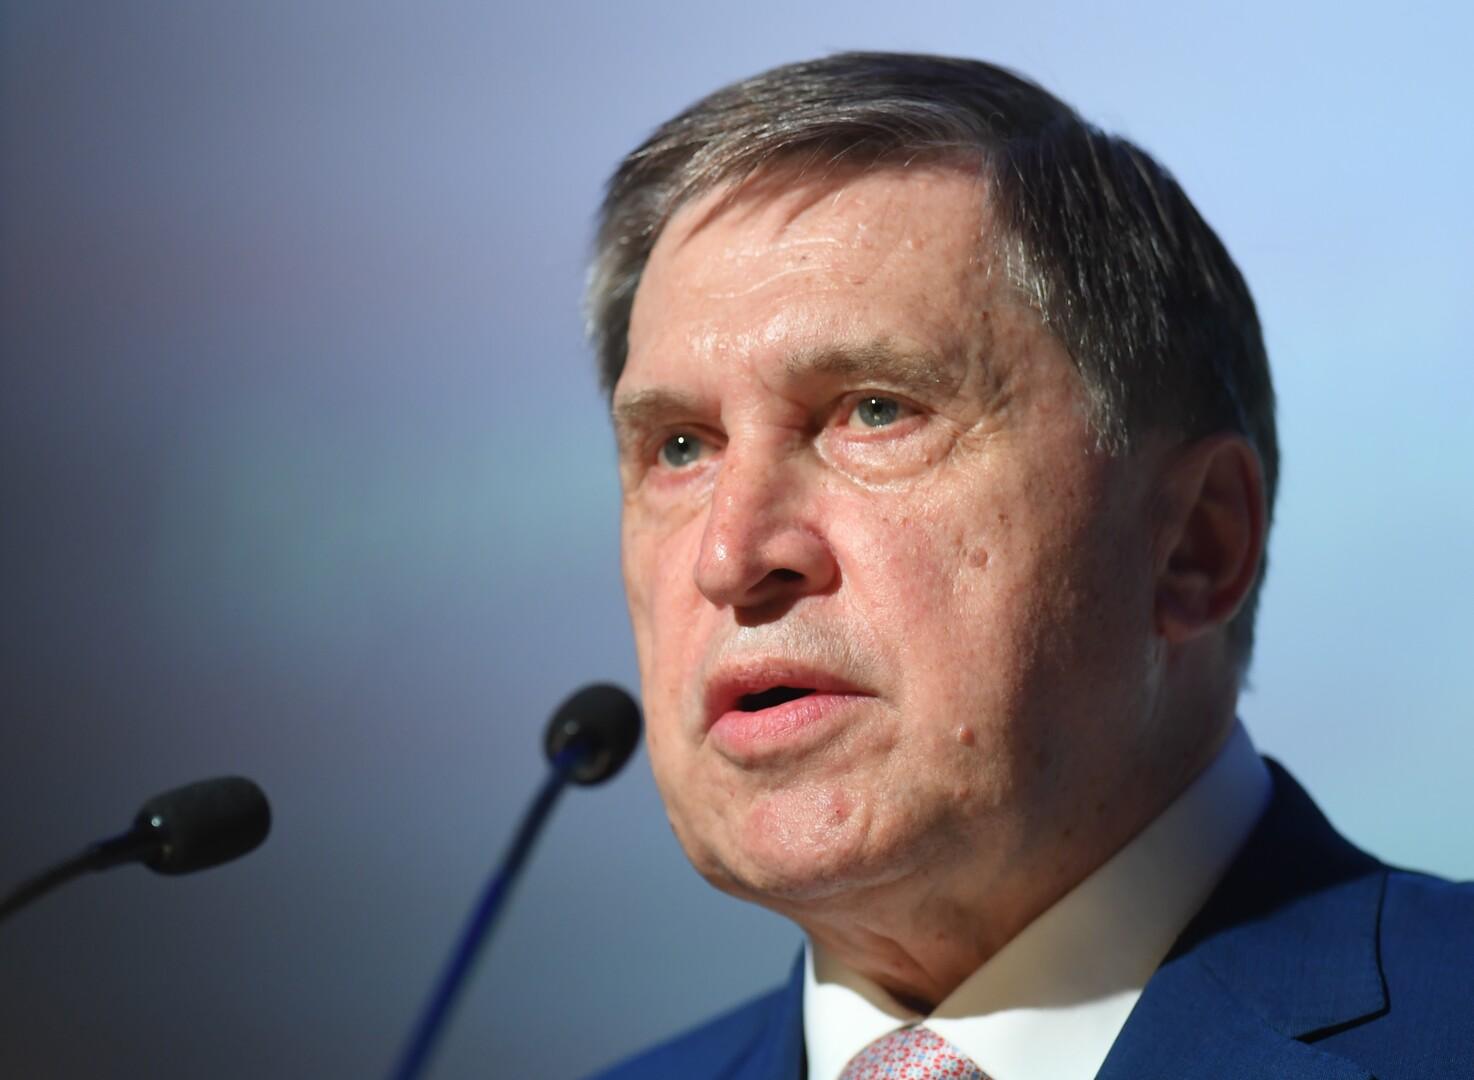 الكرملين: نلاحظ تحسنا في العلاقات الروسية الأوكرانية